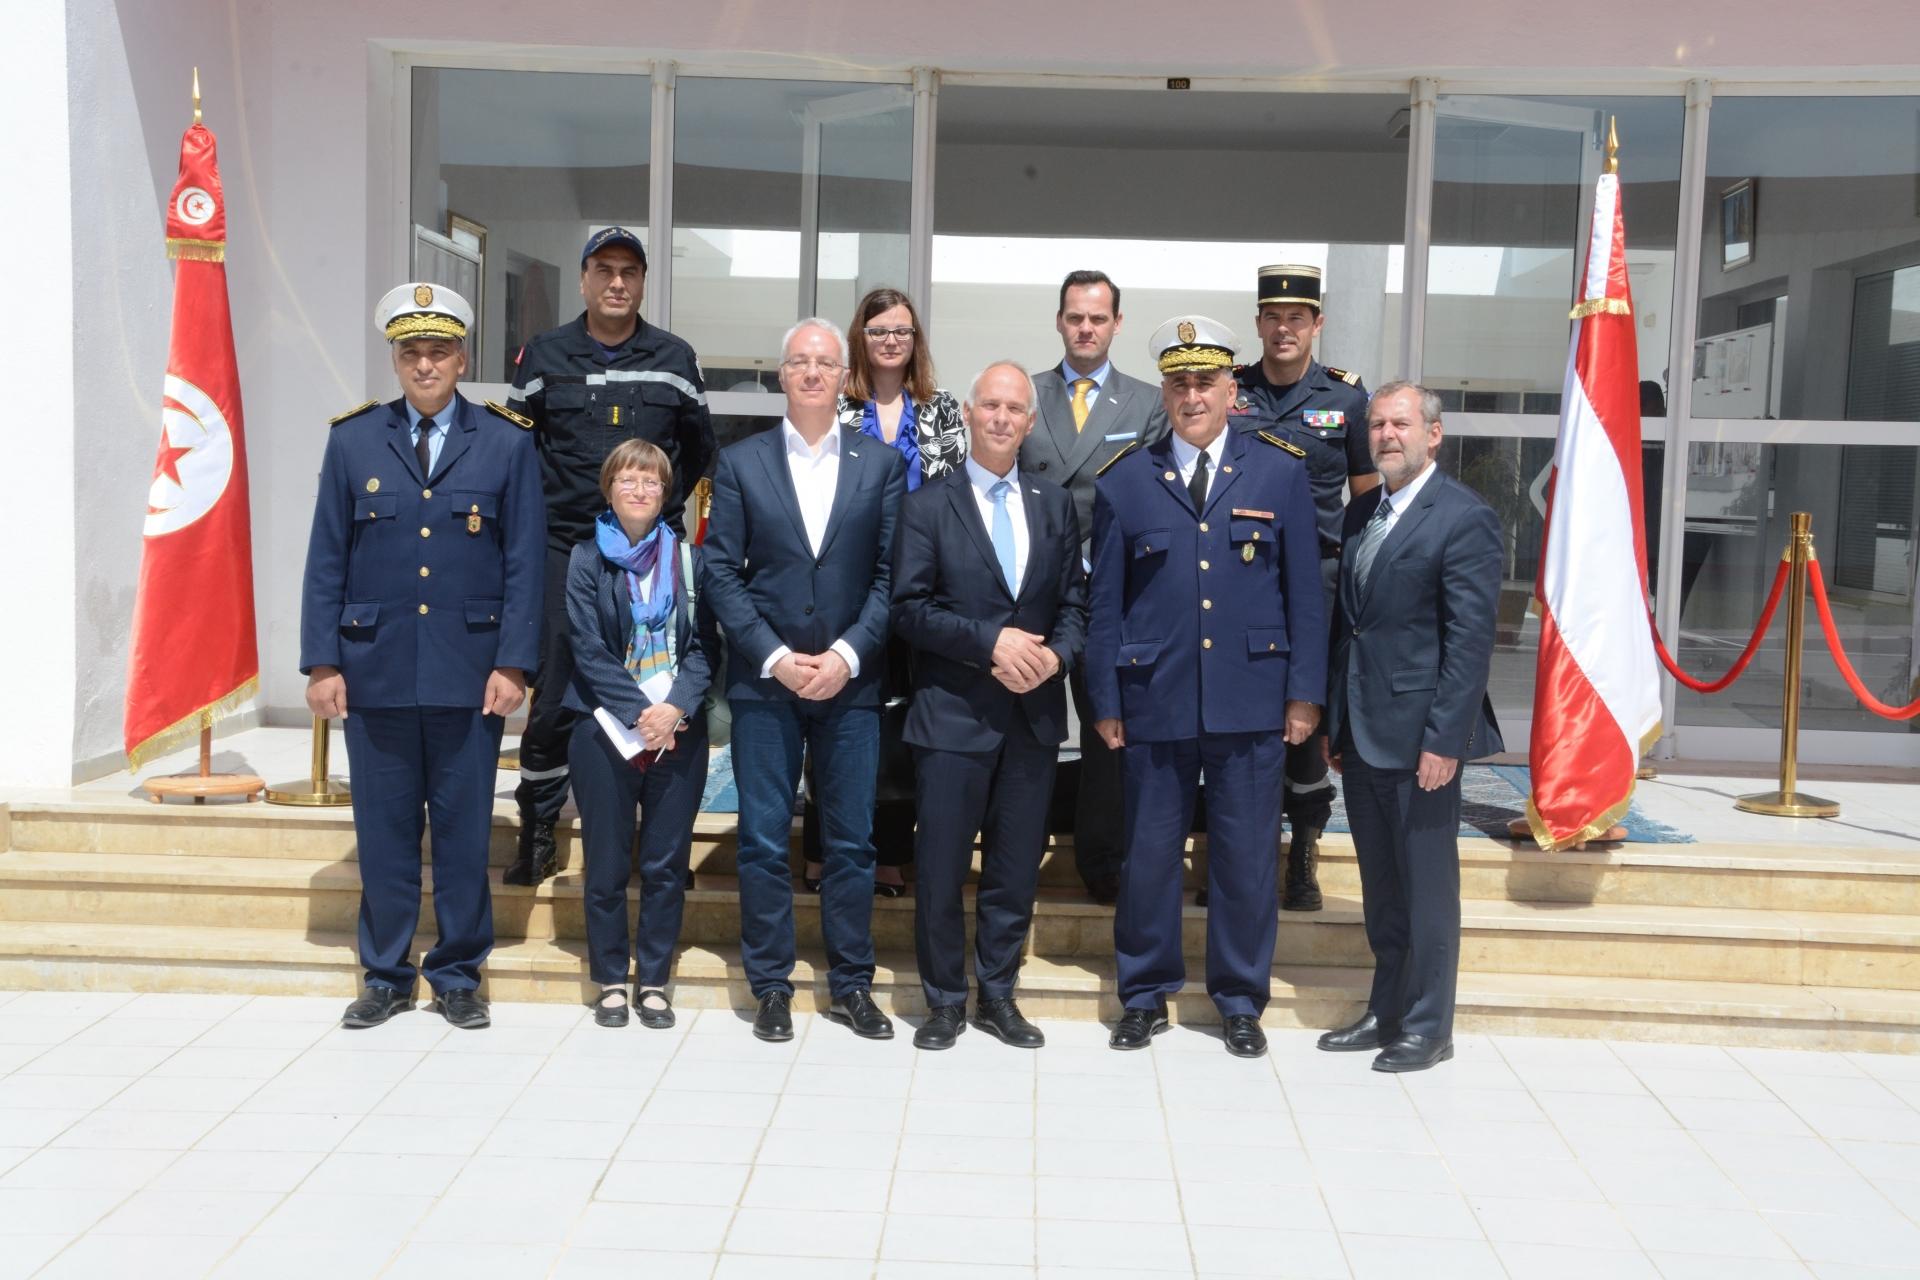 Visite Officielle du secrétaire d'état du ministère de l'intérieur Autrichien à l'Ecole Nationale de la Protection Civile